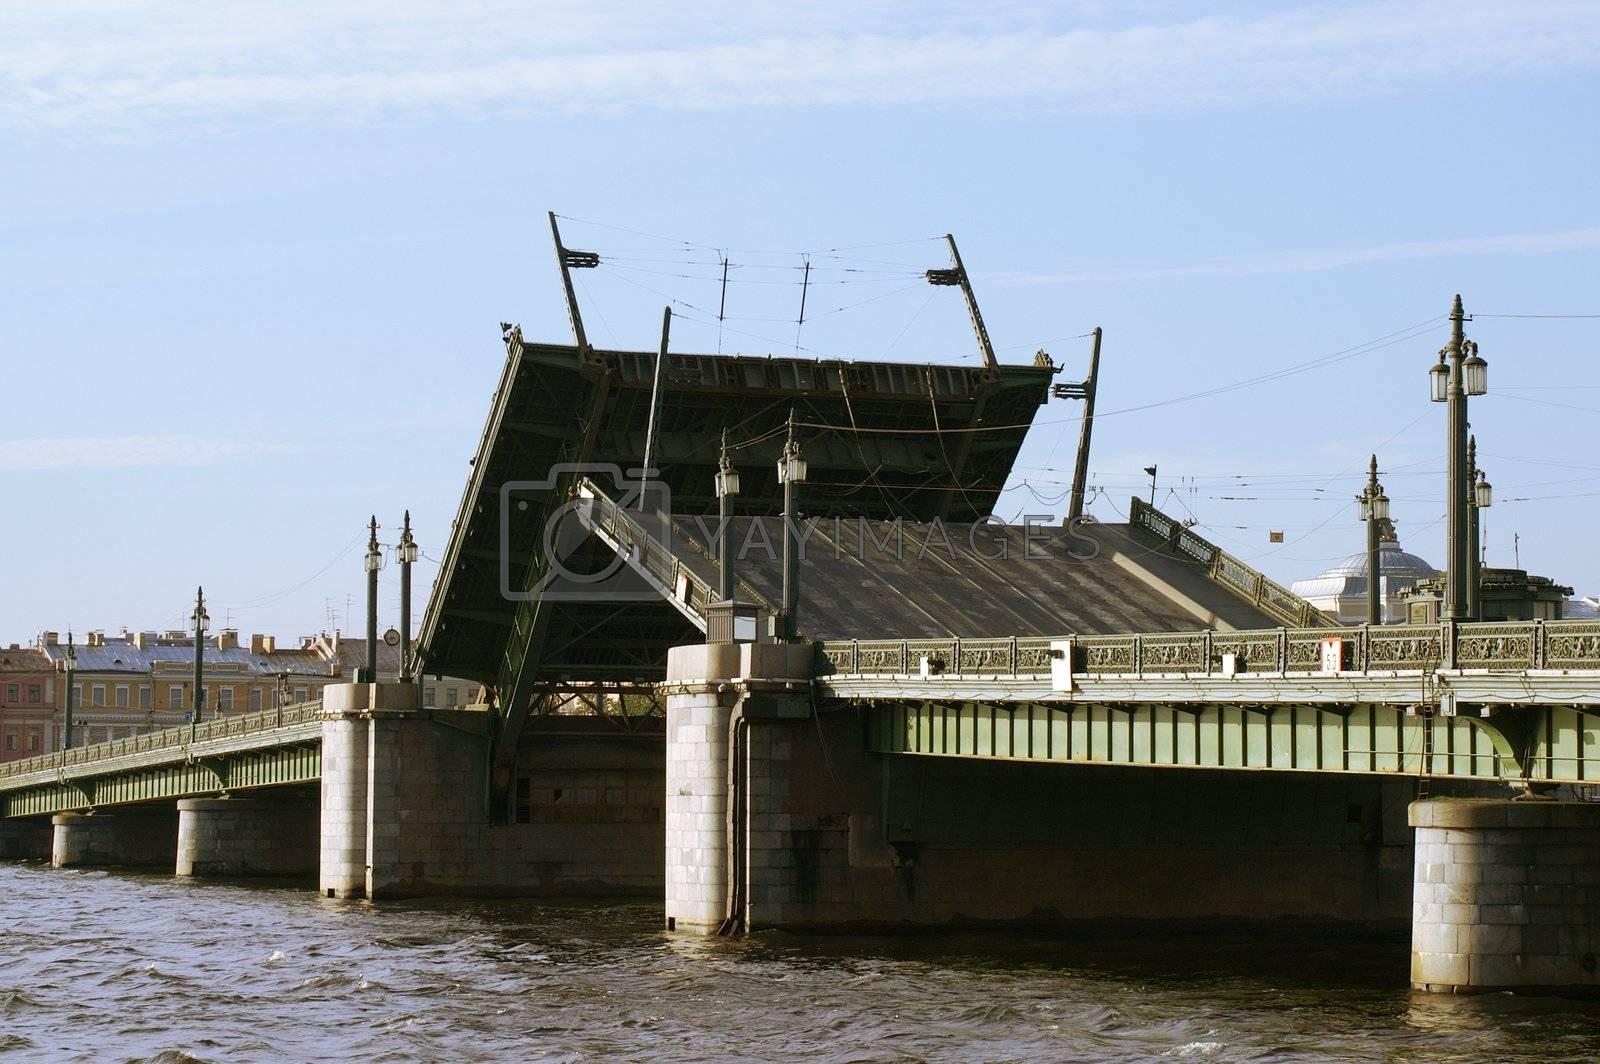 Raising the Schmidt's Bridge over Neva river in Saint Petersburg, Russia.